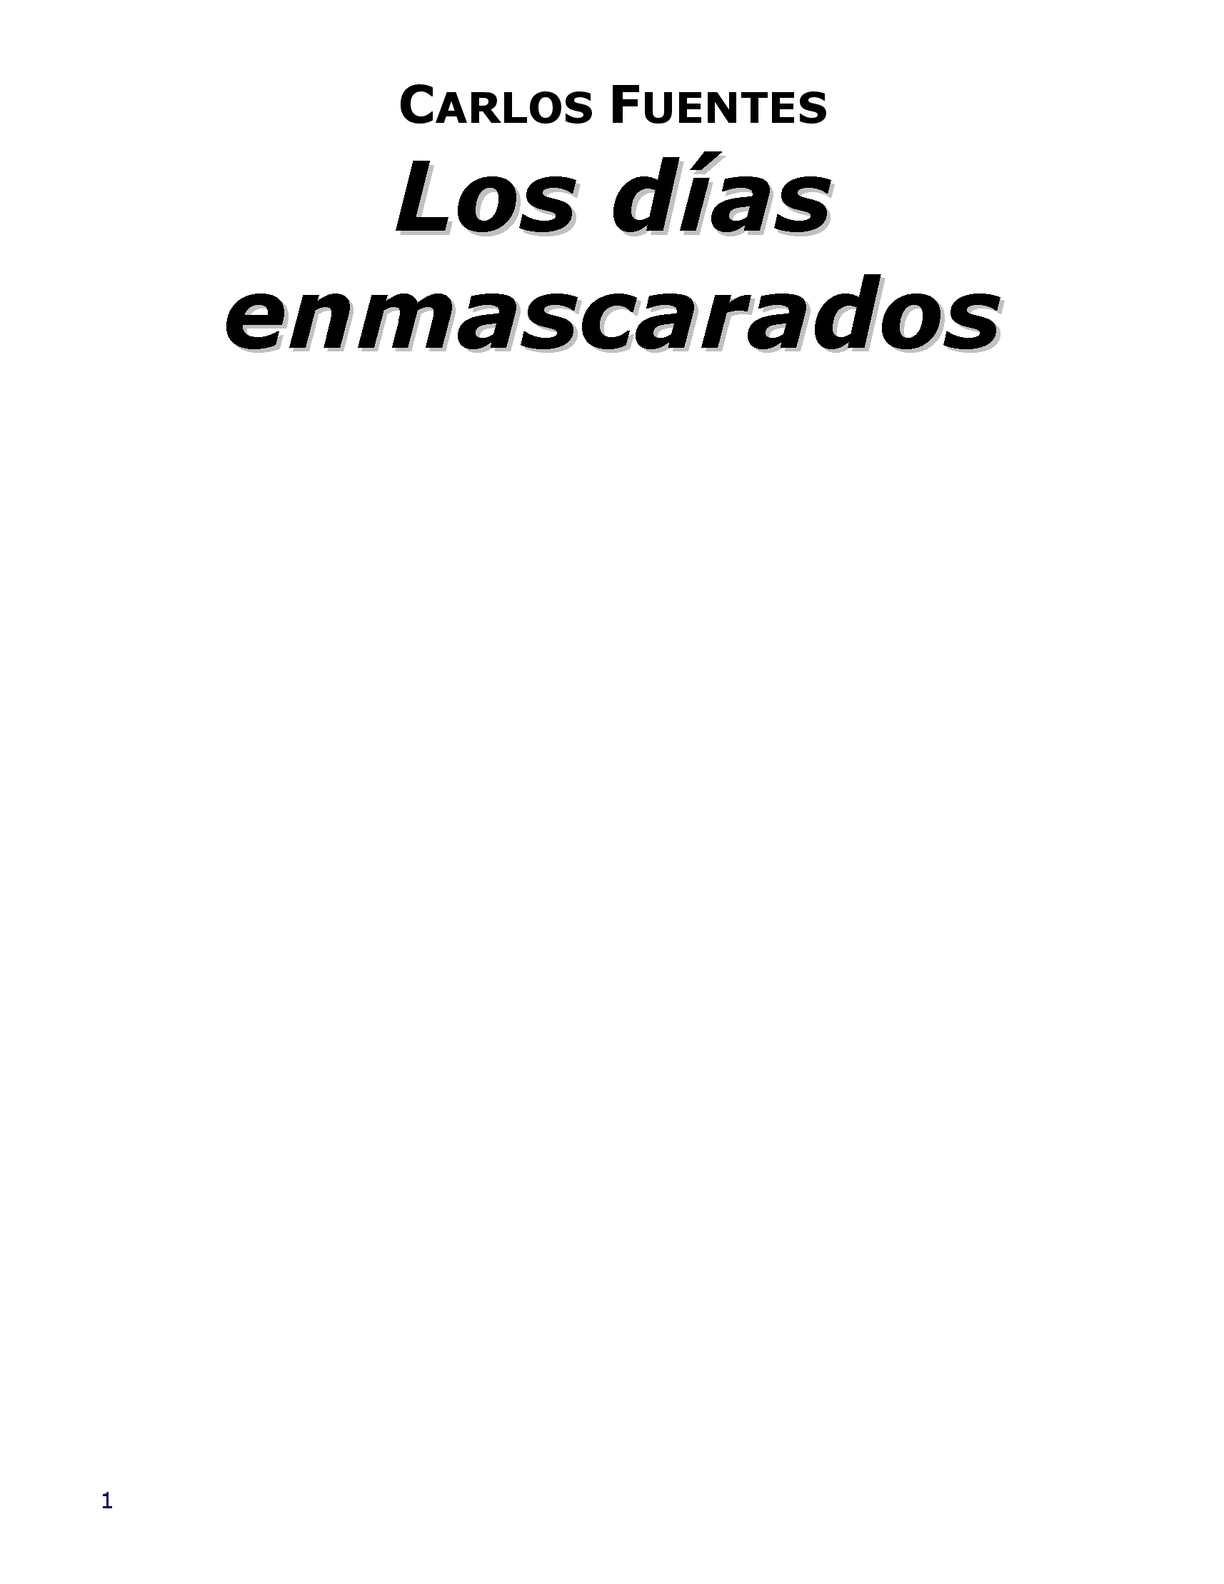 Calaméo - Cuentos de Carlos Fuentes 145eae3b090